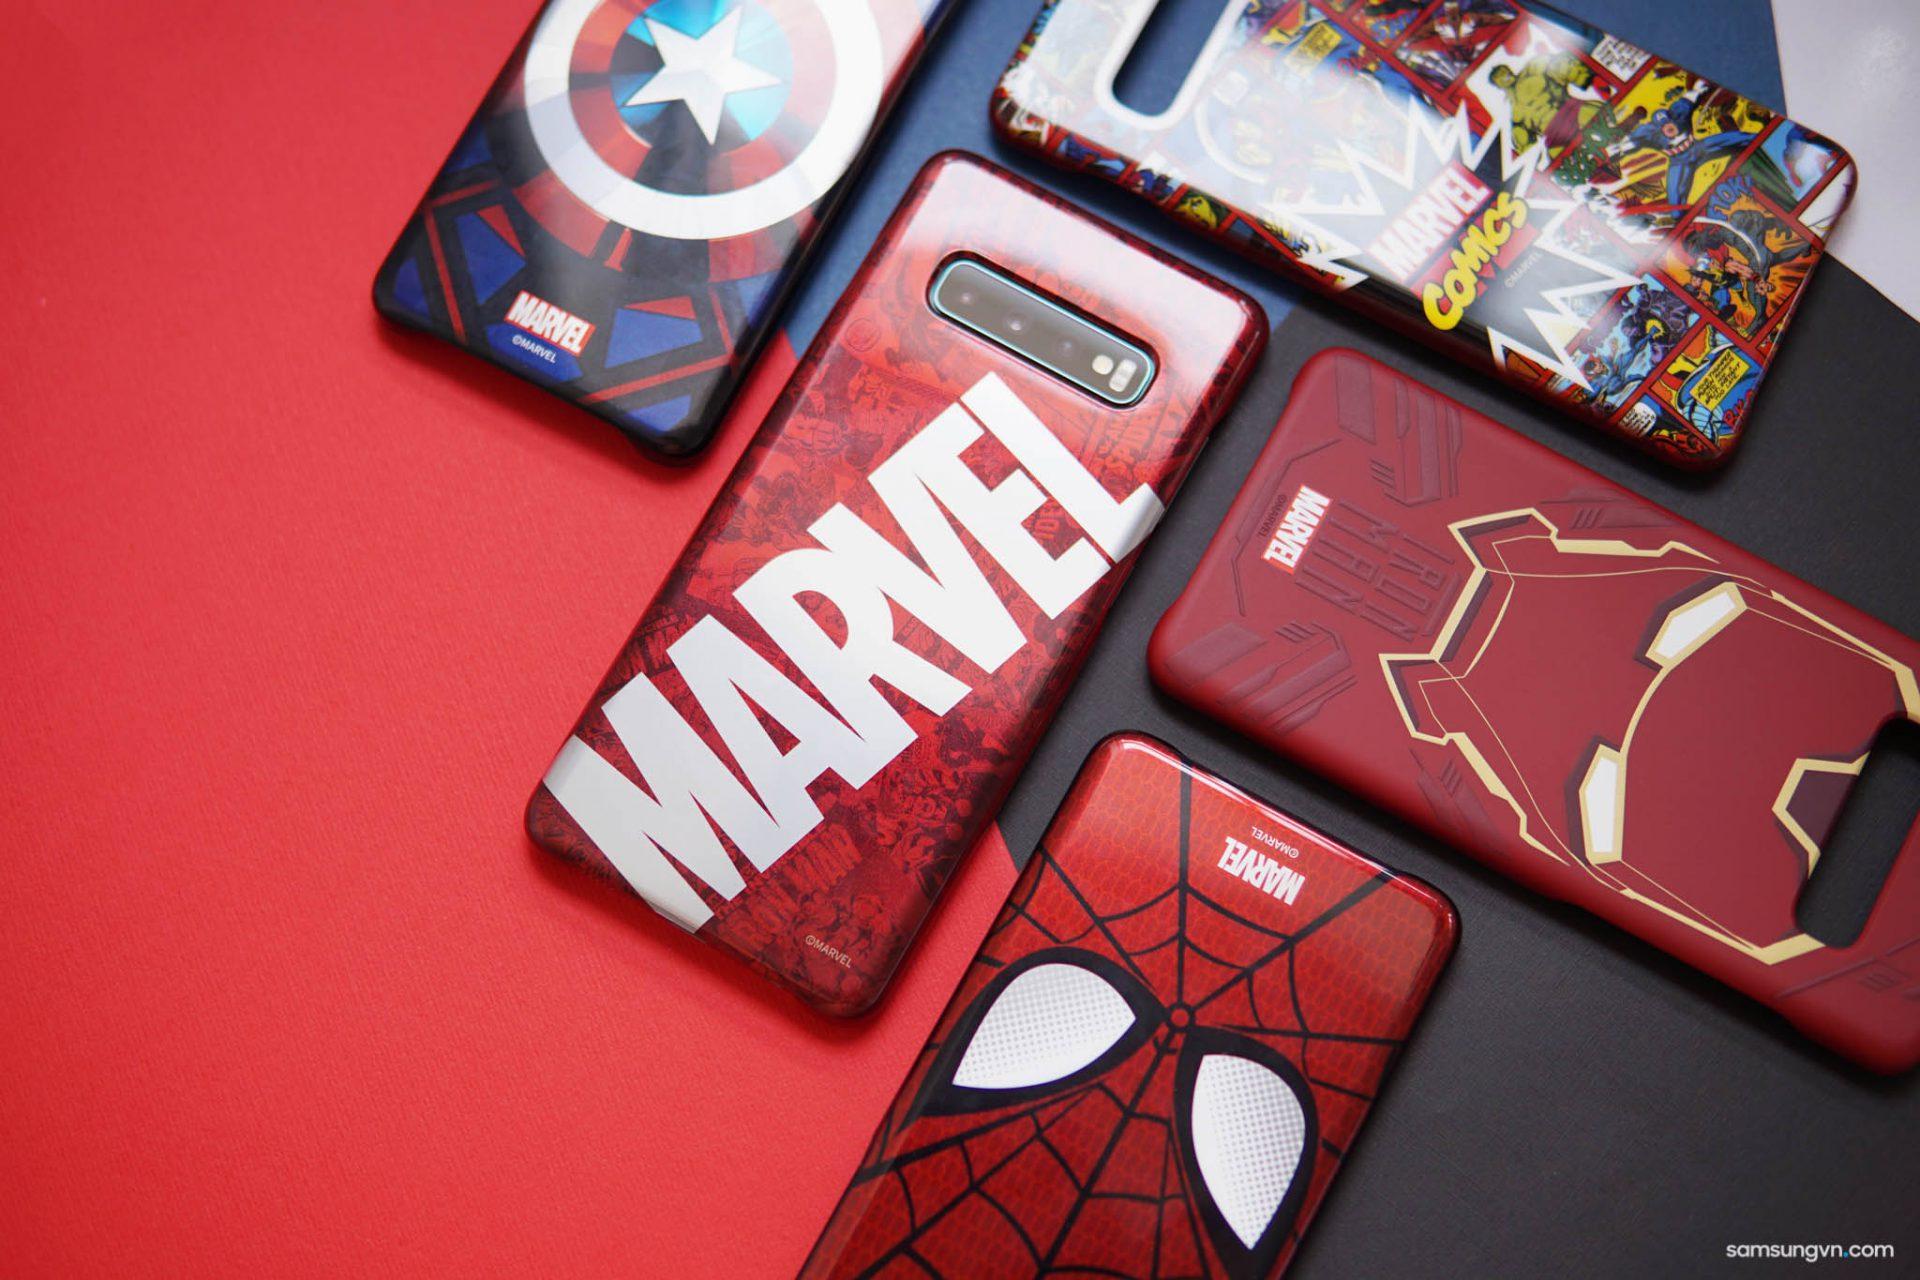 Chào đón phim Avenger: Endgame chuẩn bị ra rạp – Khui hộp Trọn bộ Ốp lưng Marvel độc đáo cho Galaxy S10+